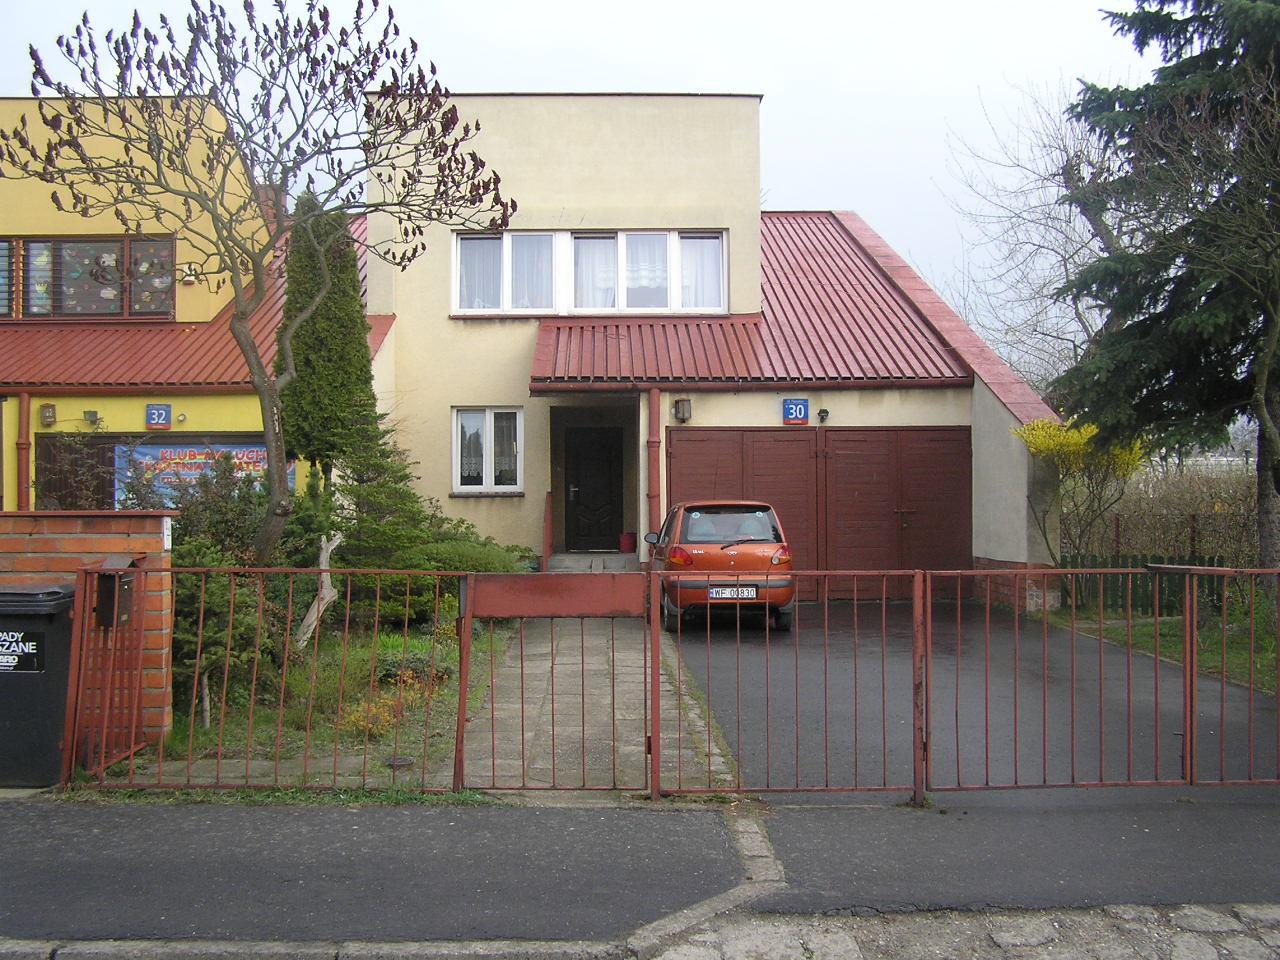 Dom przy ulicy Filomatów 30 na Grochowie w Warszawie